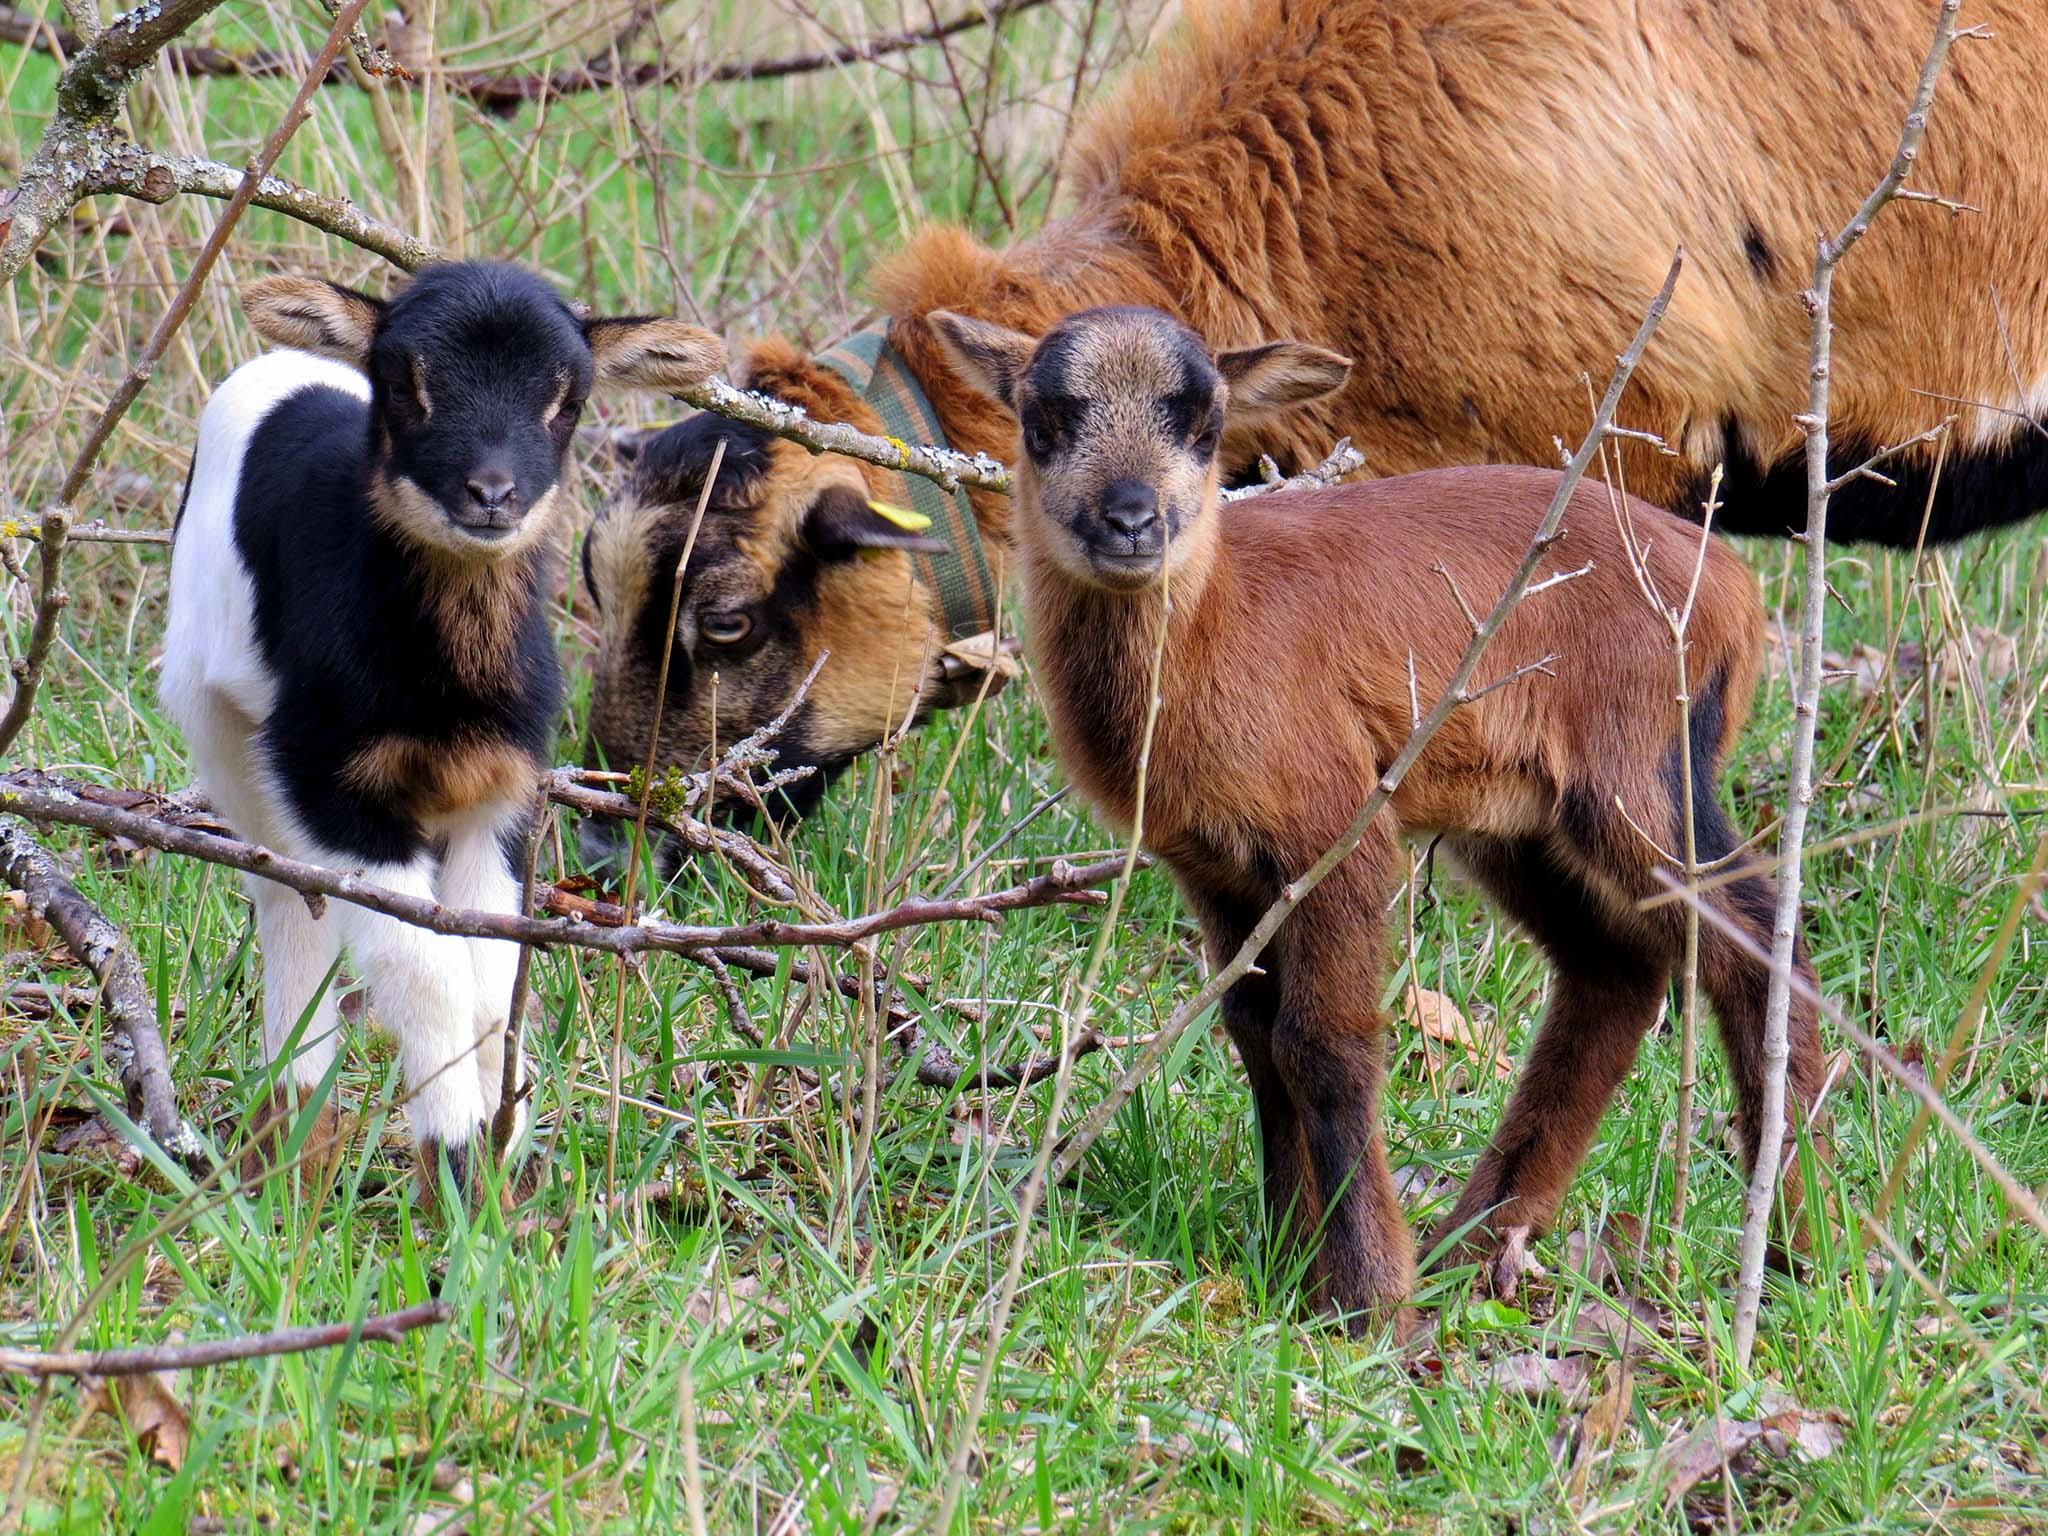 Dank Jens können diese Schafe zur Beweidung verwildeter Obstbaumwiesen beitragen. Foto: Jens Hörl.